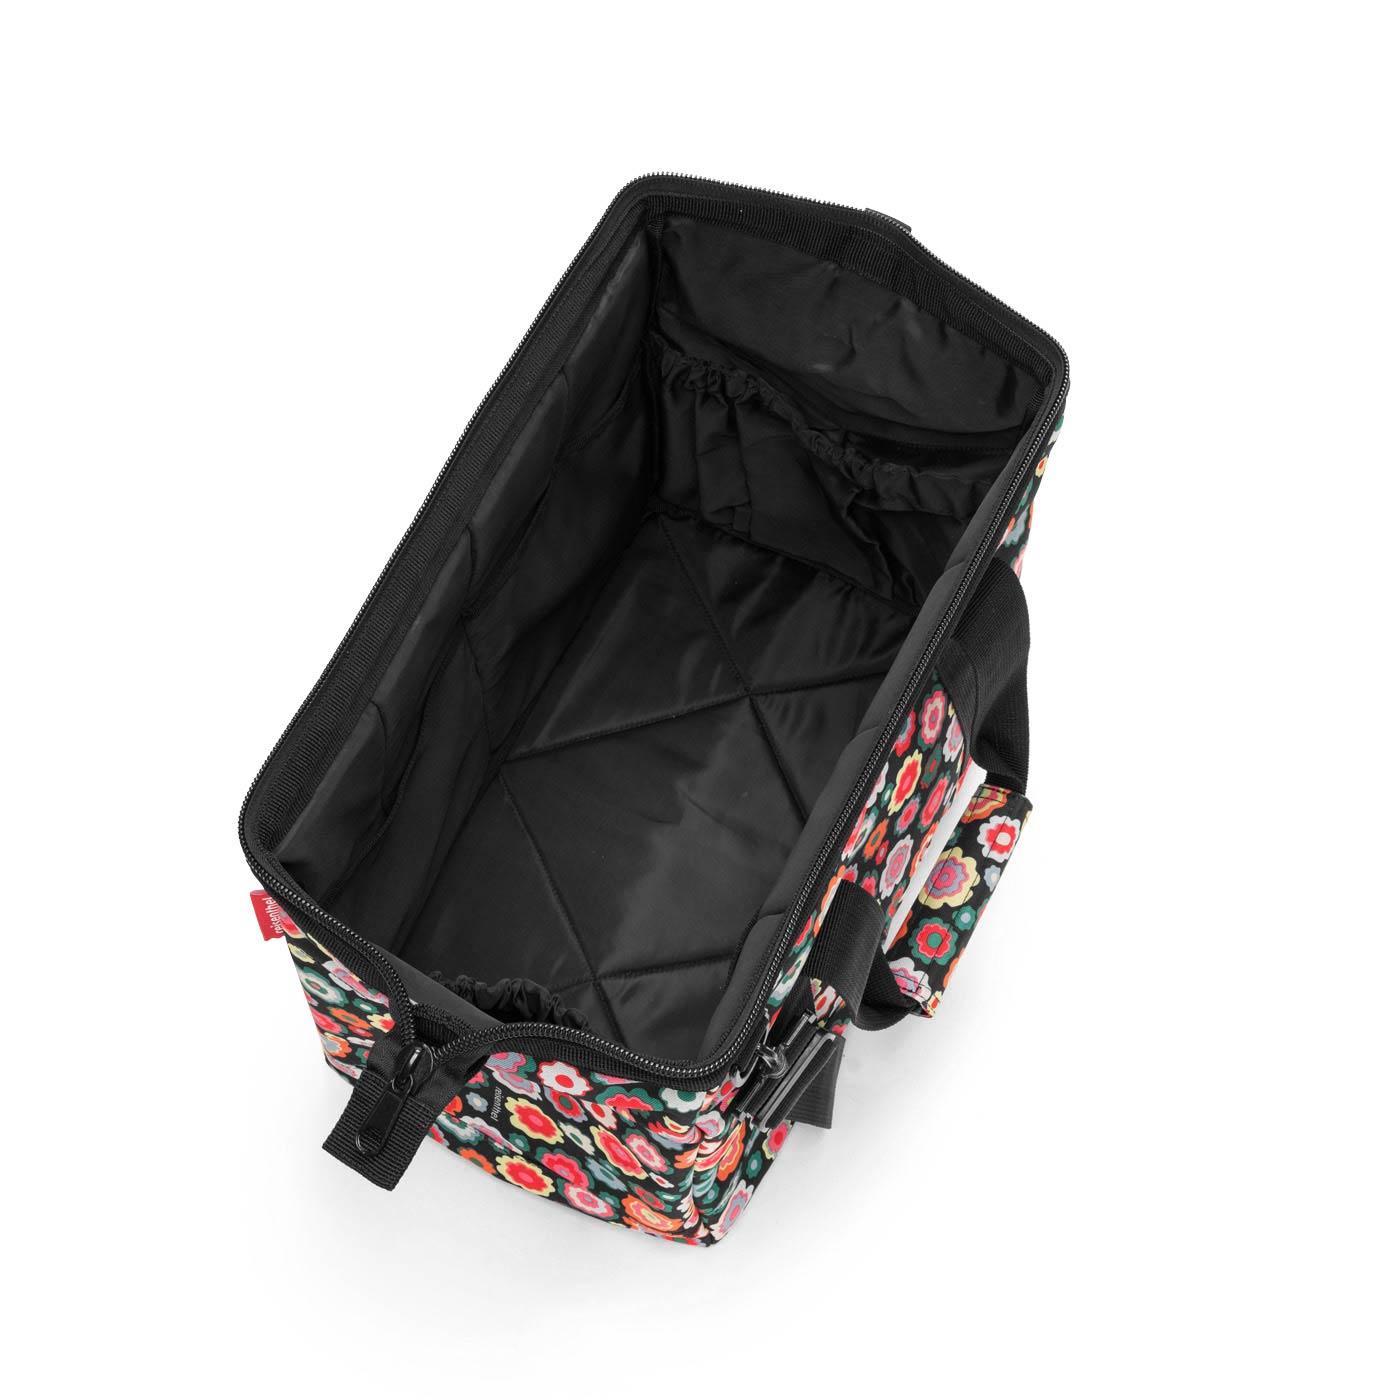 8b5134c6b88f Reisenthel Allrounder M Happy Flowers Fekete-virágos Női Utazótás ...